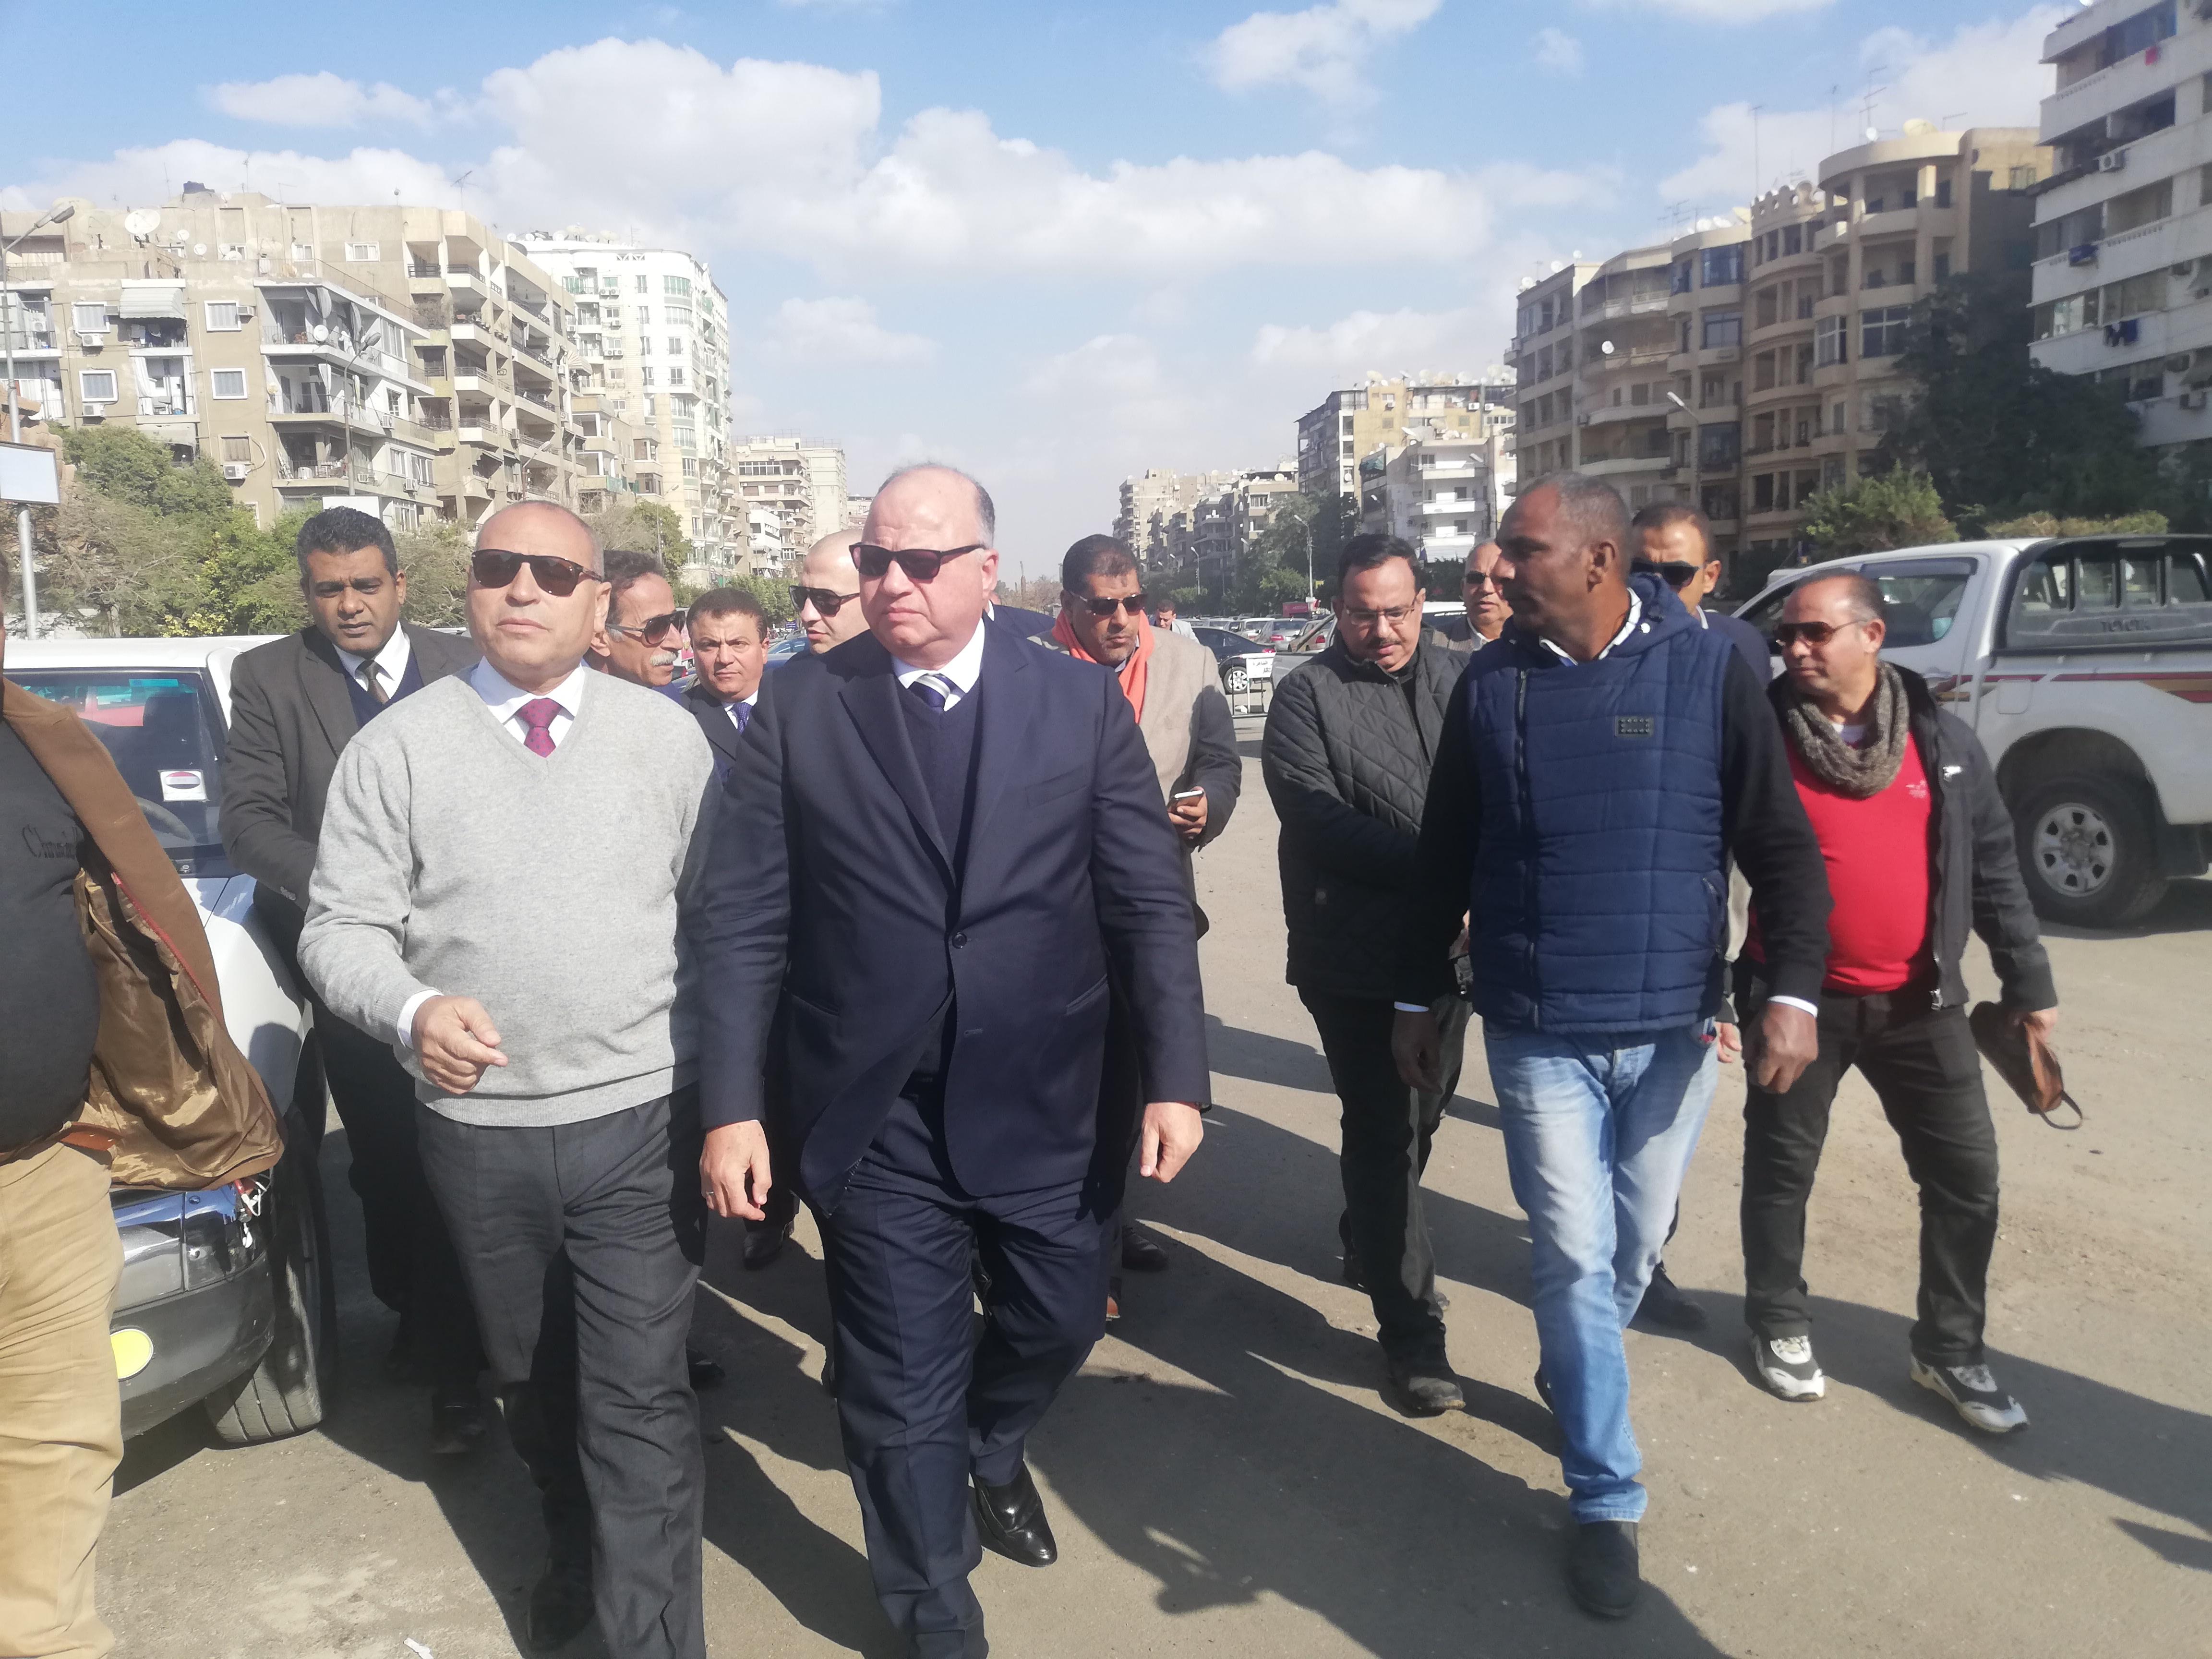 محافظ القاهرة ووزيرة البيئة يفتتحا المرحلة الأولى من تشجير ميدان تريومف (1)